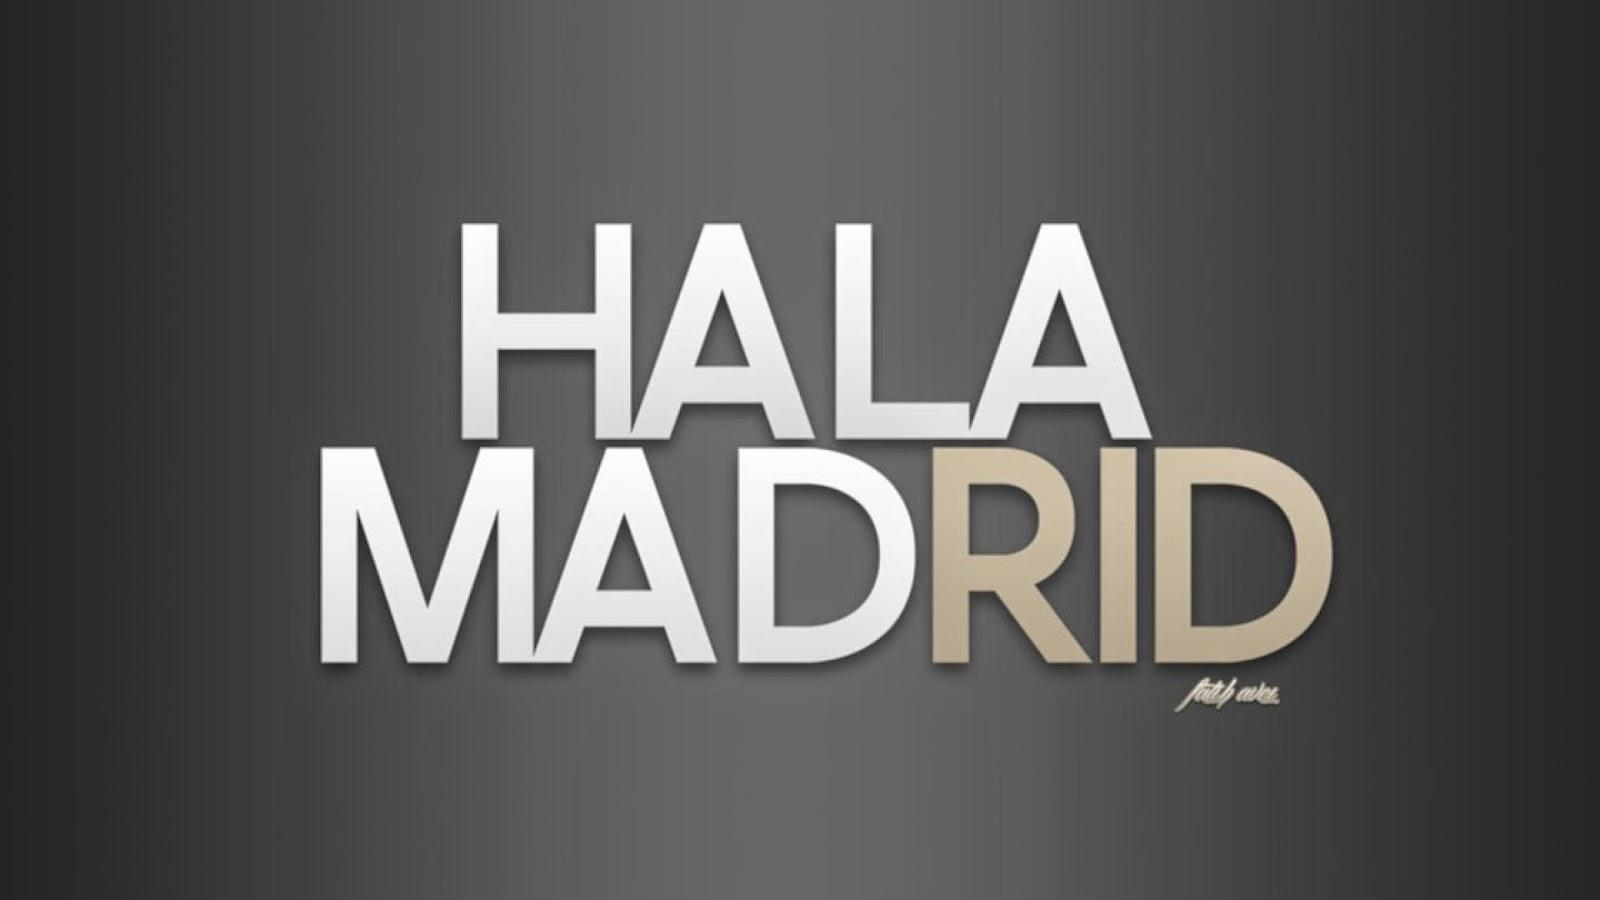 Gambar Wallpaper Real Madrid Terbaru Terbaru 2015